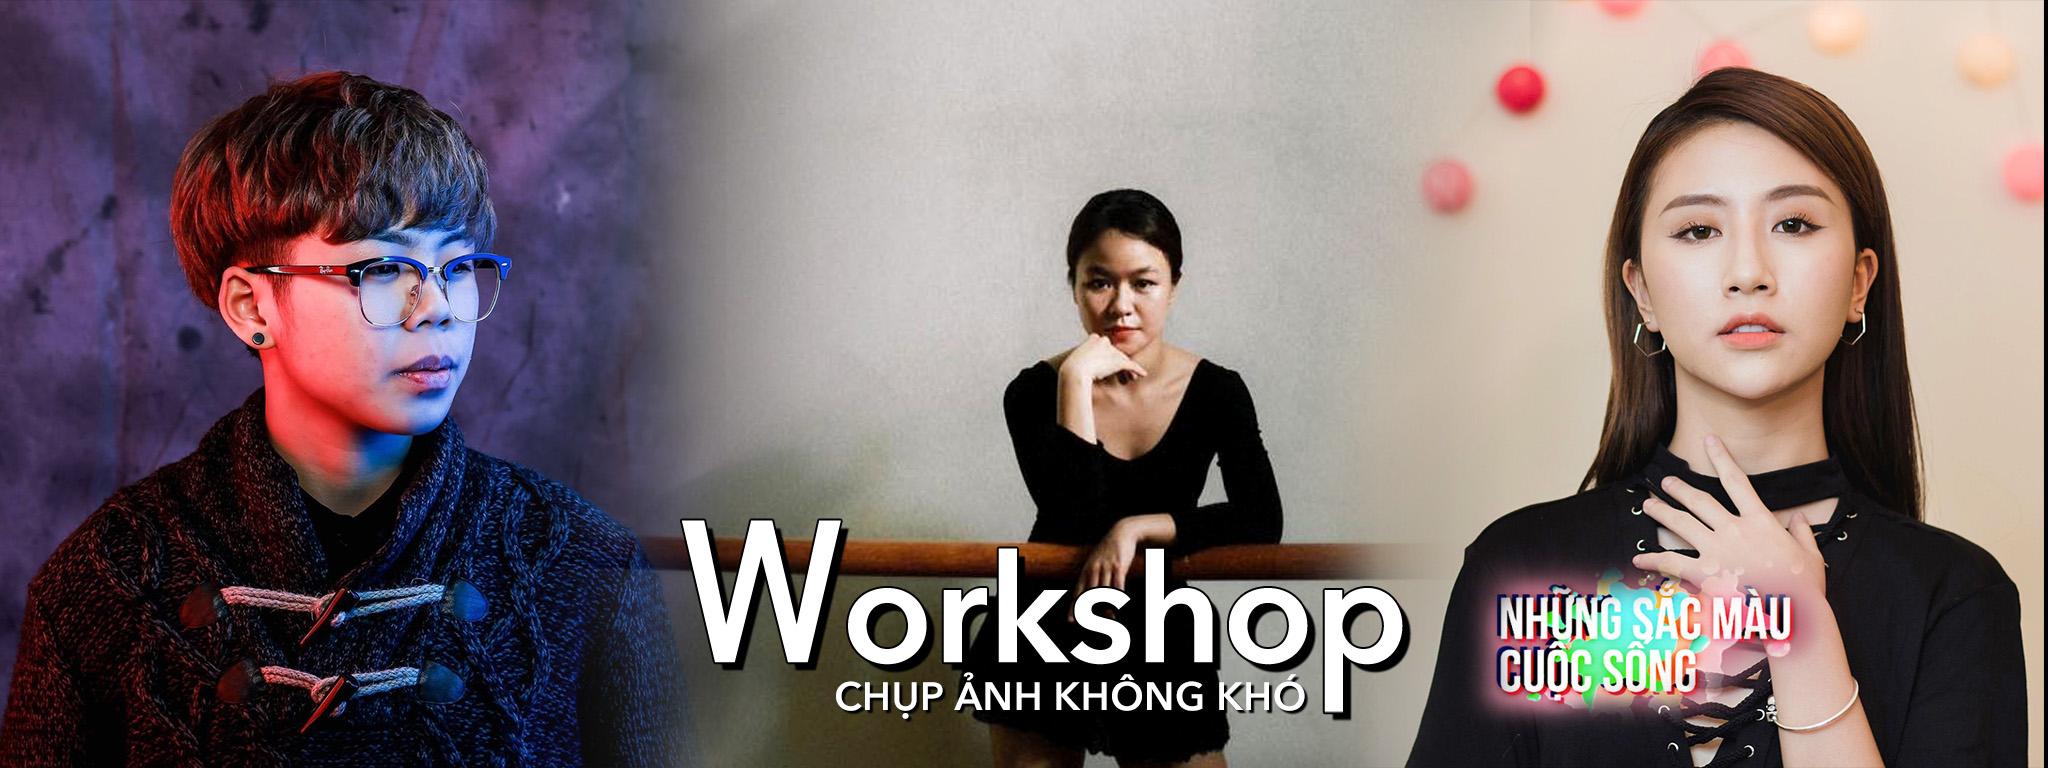 Workshop & Chụp ảnh người mẫu tại Phim trường Smiley Ville Đông Anh - Chủ Nhật 20/11